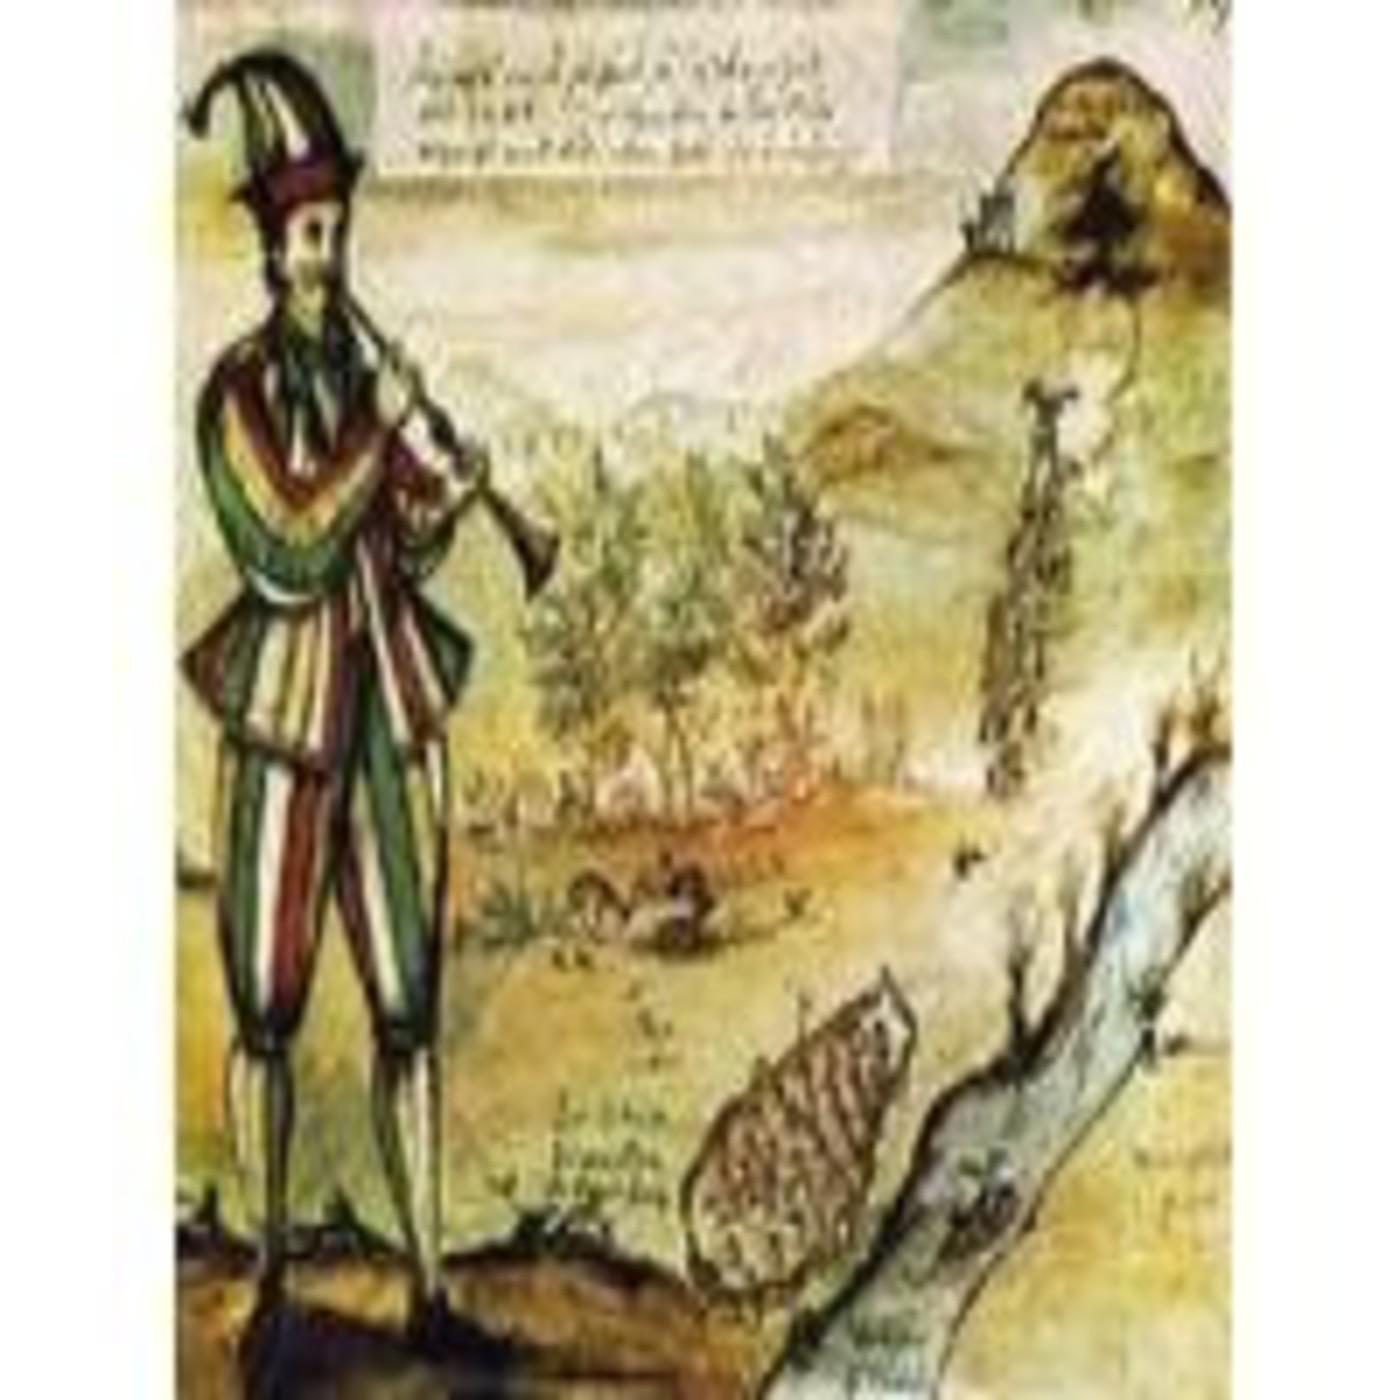 134 - El Flautista de Hamelín · Criaturas misteriosas de las islas británicas II